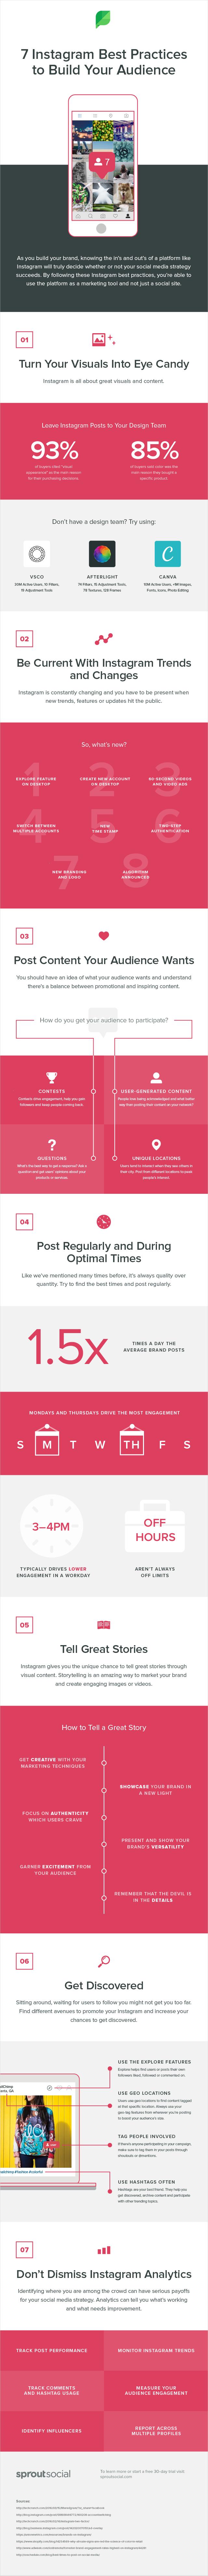 7 mejores prácticas para aumentar tu audiencia en Instagram #infografia #socialmedia